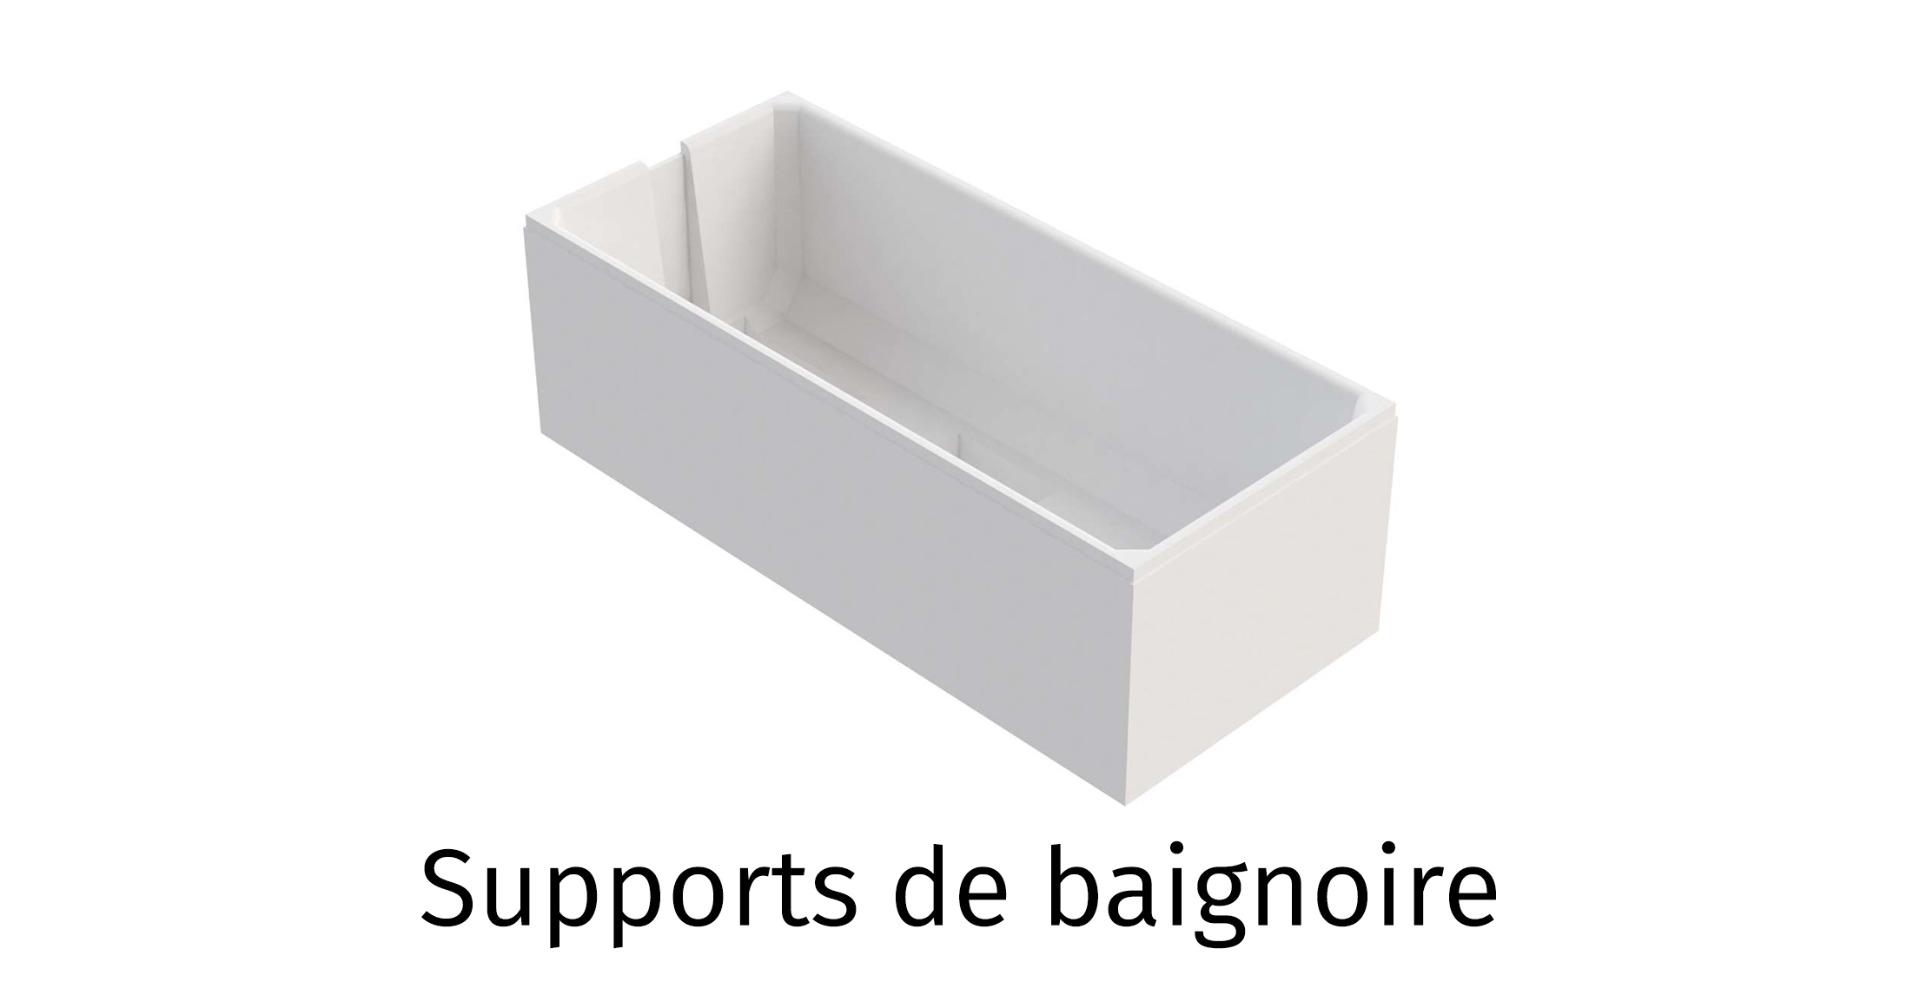 Supports de baignoire